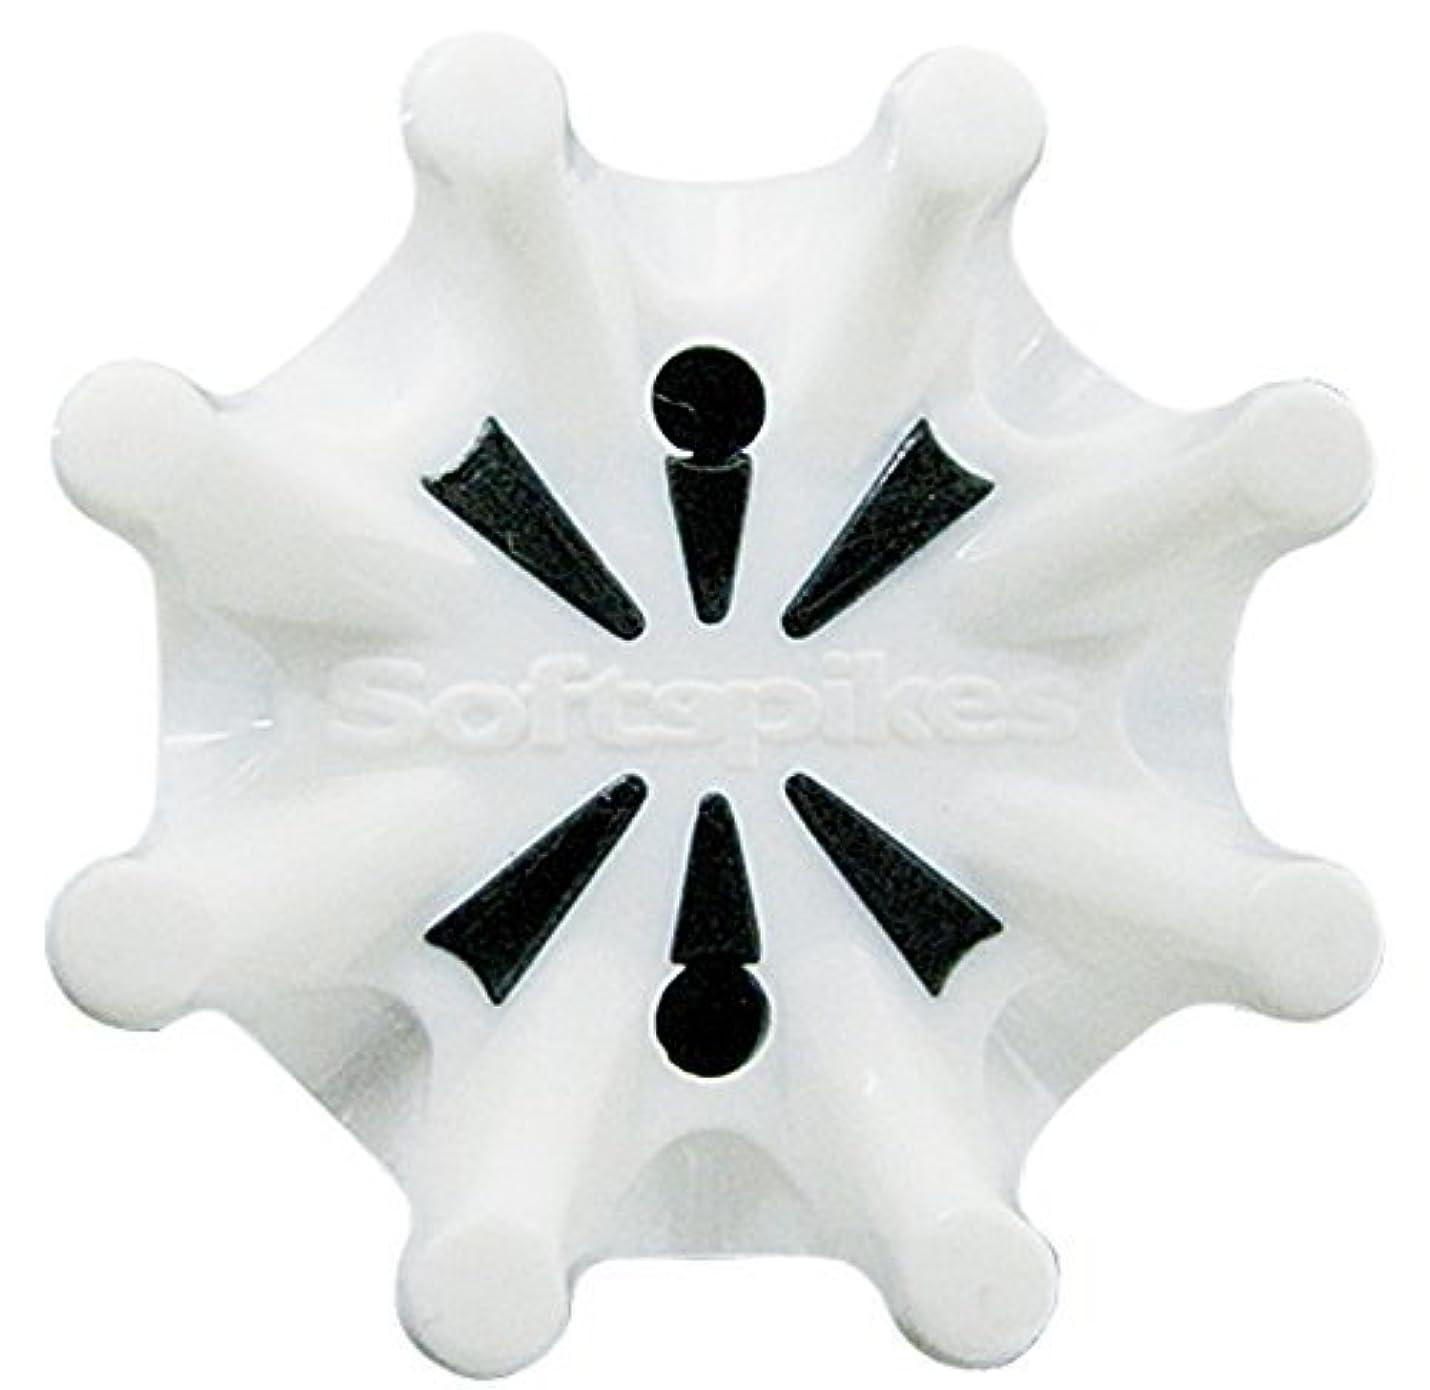 ピンチ耐えられないサーカスソフトスパイク Softspikes パルサー PINS(PINS専用) スパイク鋲 10個入 ホワイト×ブラック【あったらいーなすとあプレゼント ティー付き】